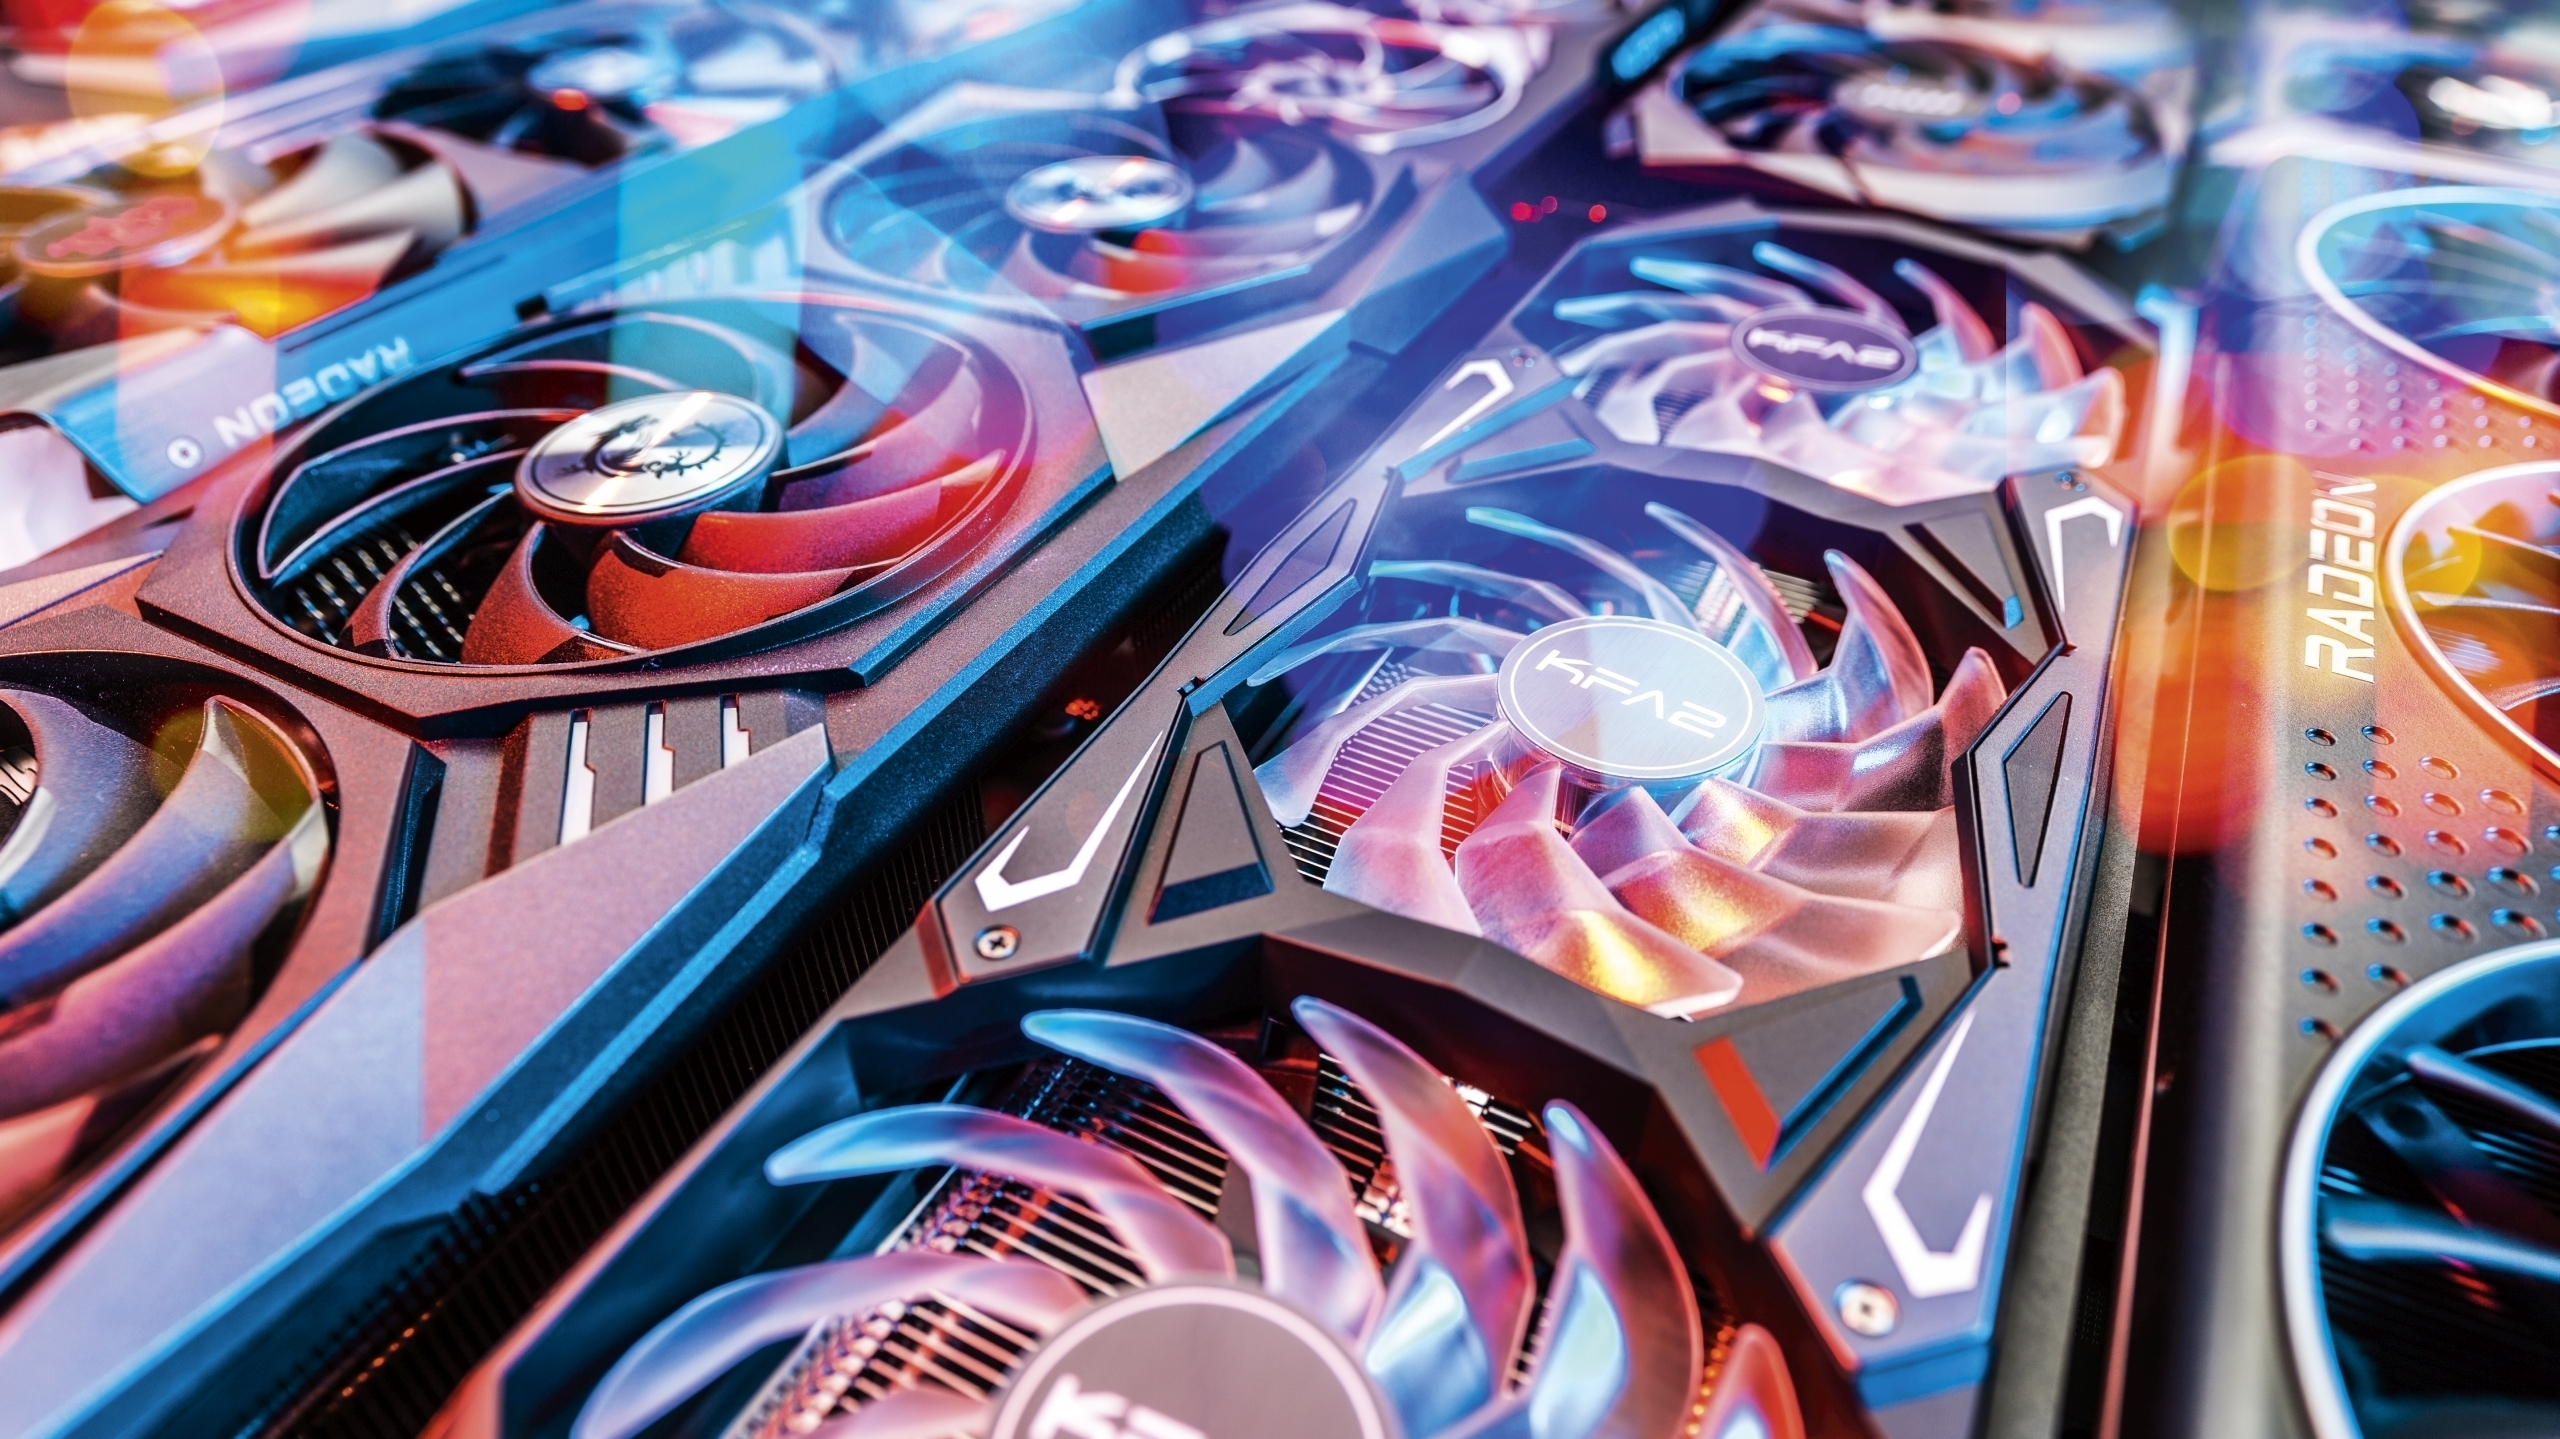 Endende 05 Nie Asiaten Disc 24